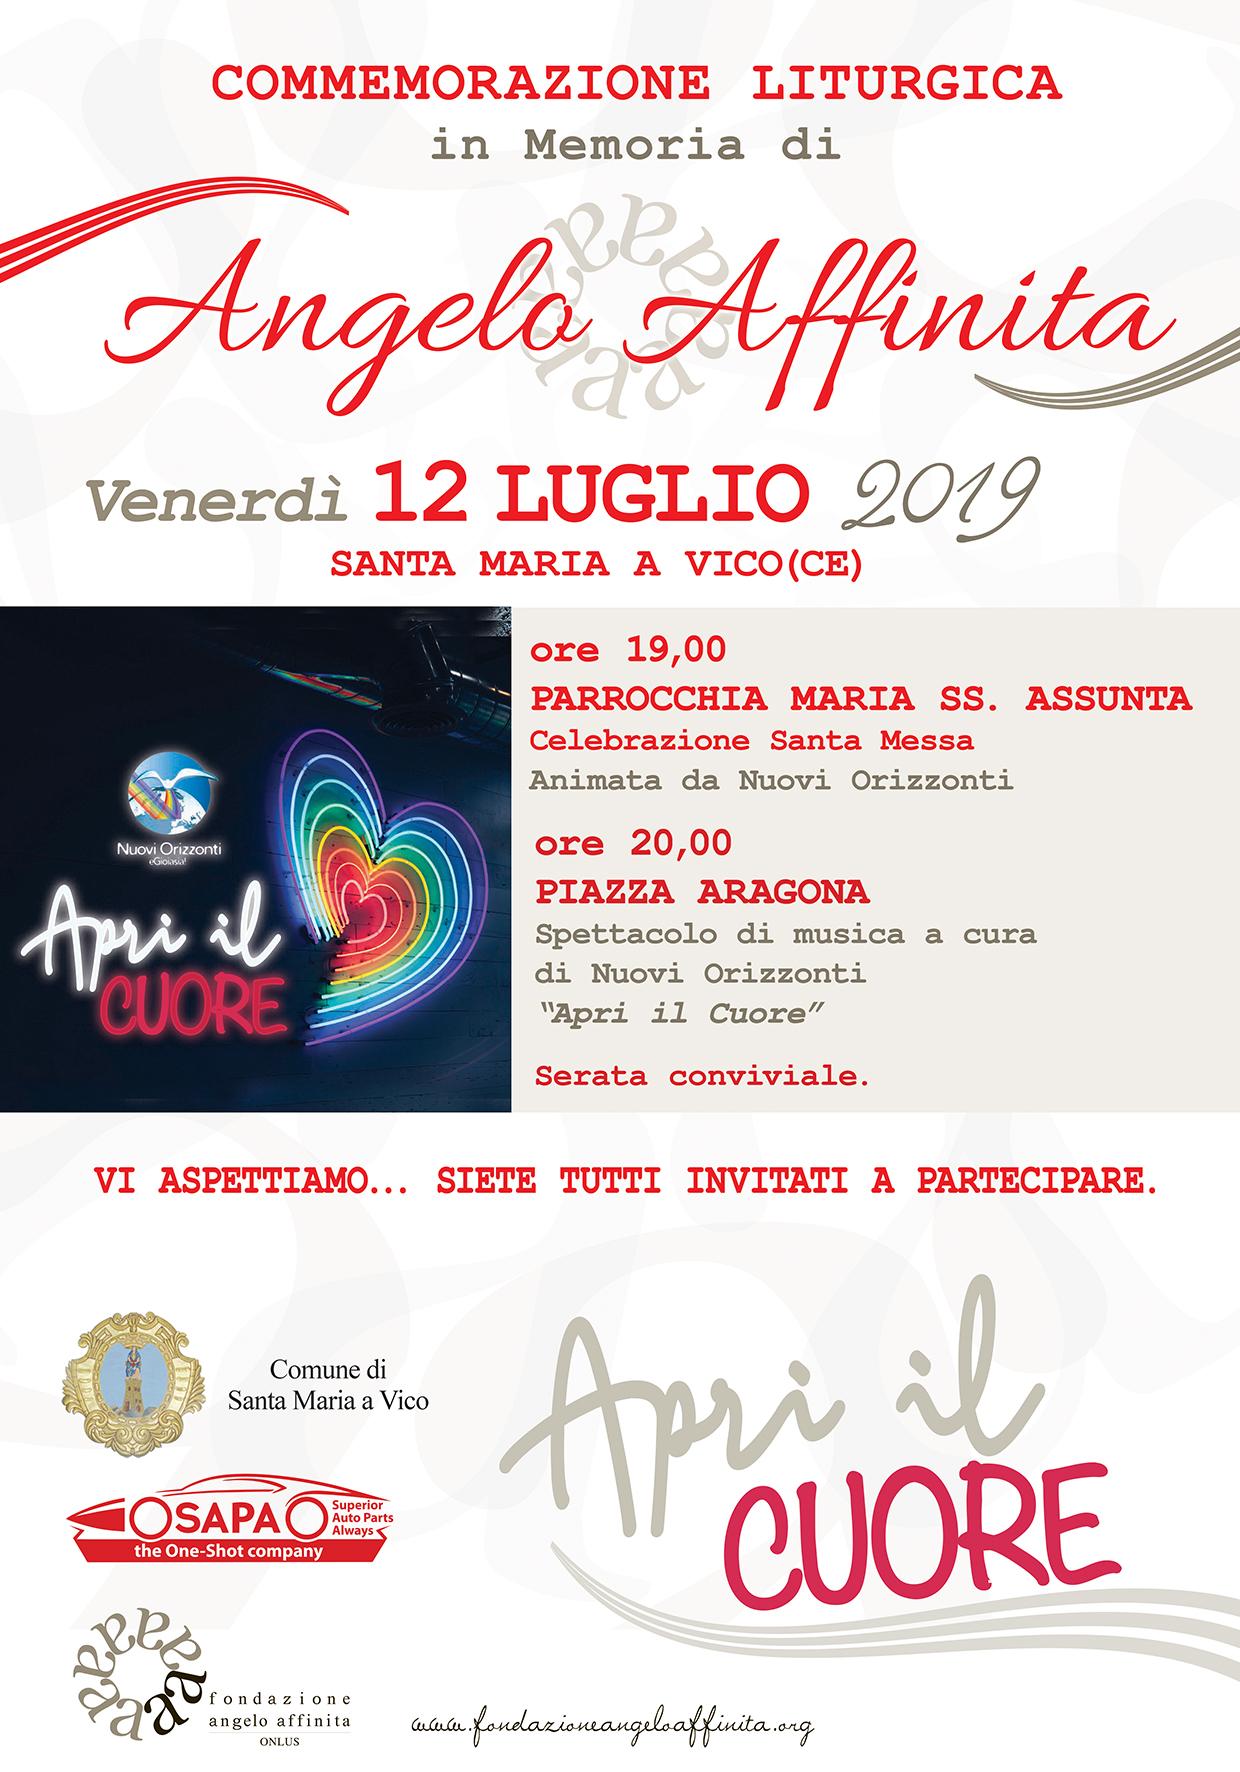 Apri il Cuore! Venerdì 12 luglio 2019 commemorazione liturgica in memoria di Angelo Affinita